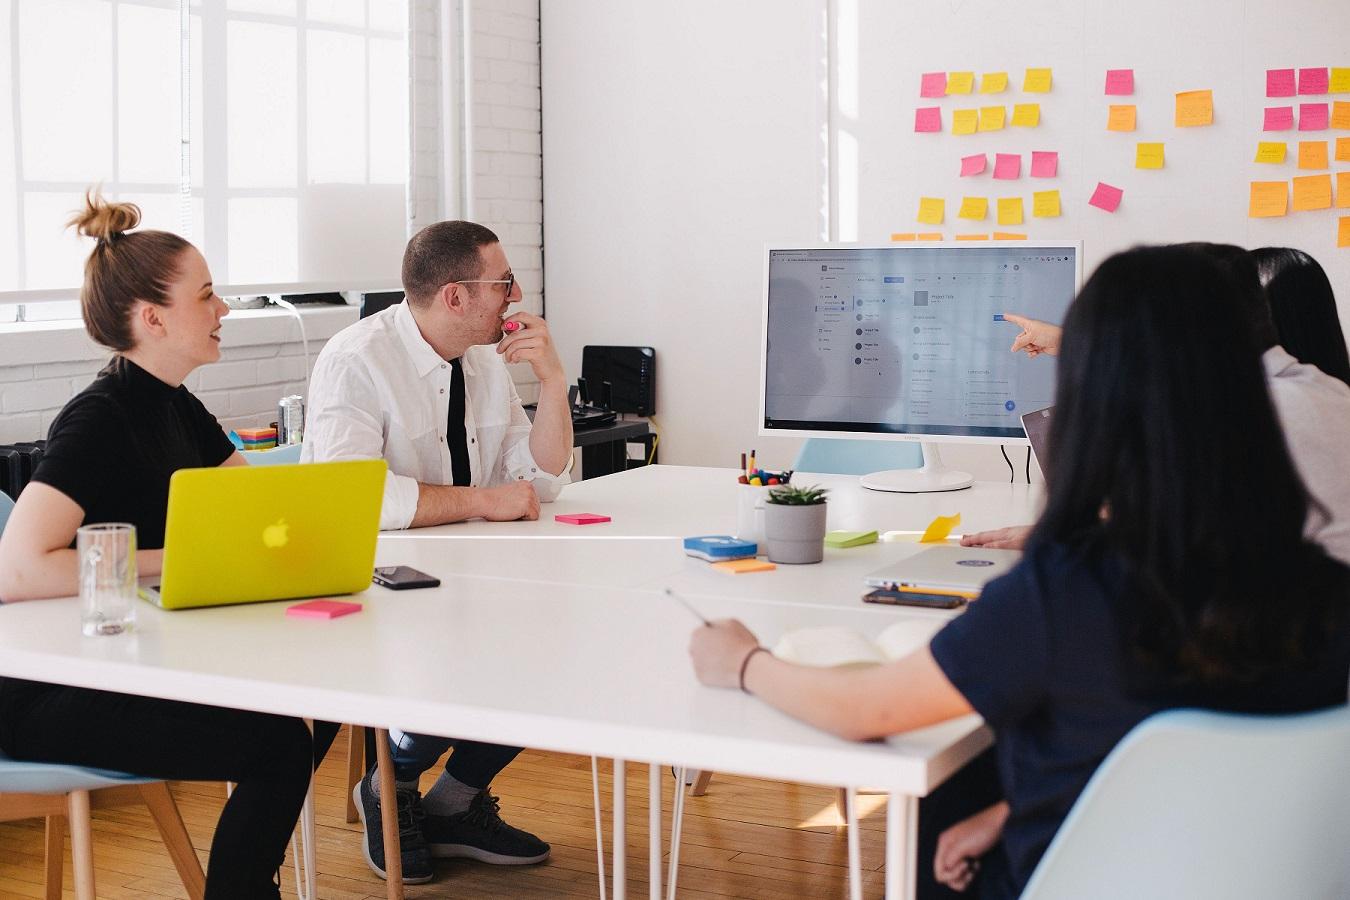 فضای کاری تیم های اجایل چگونه است؟